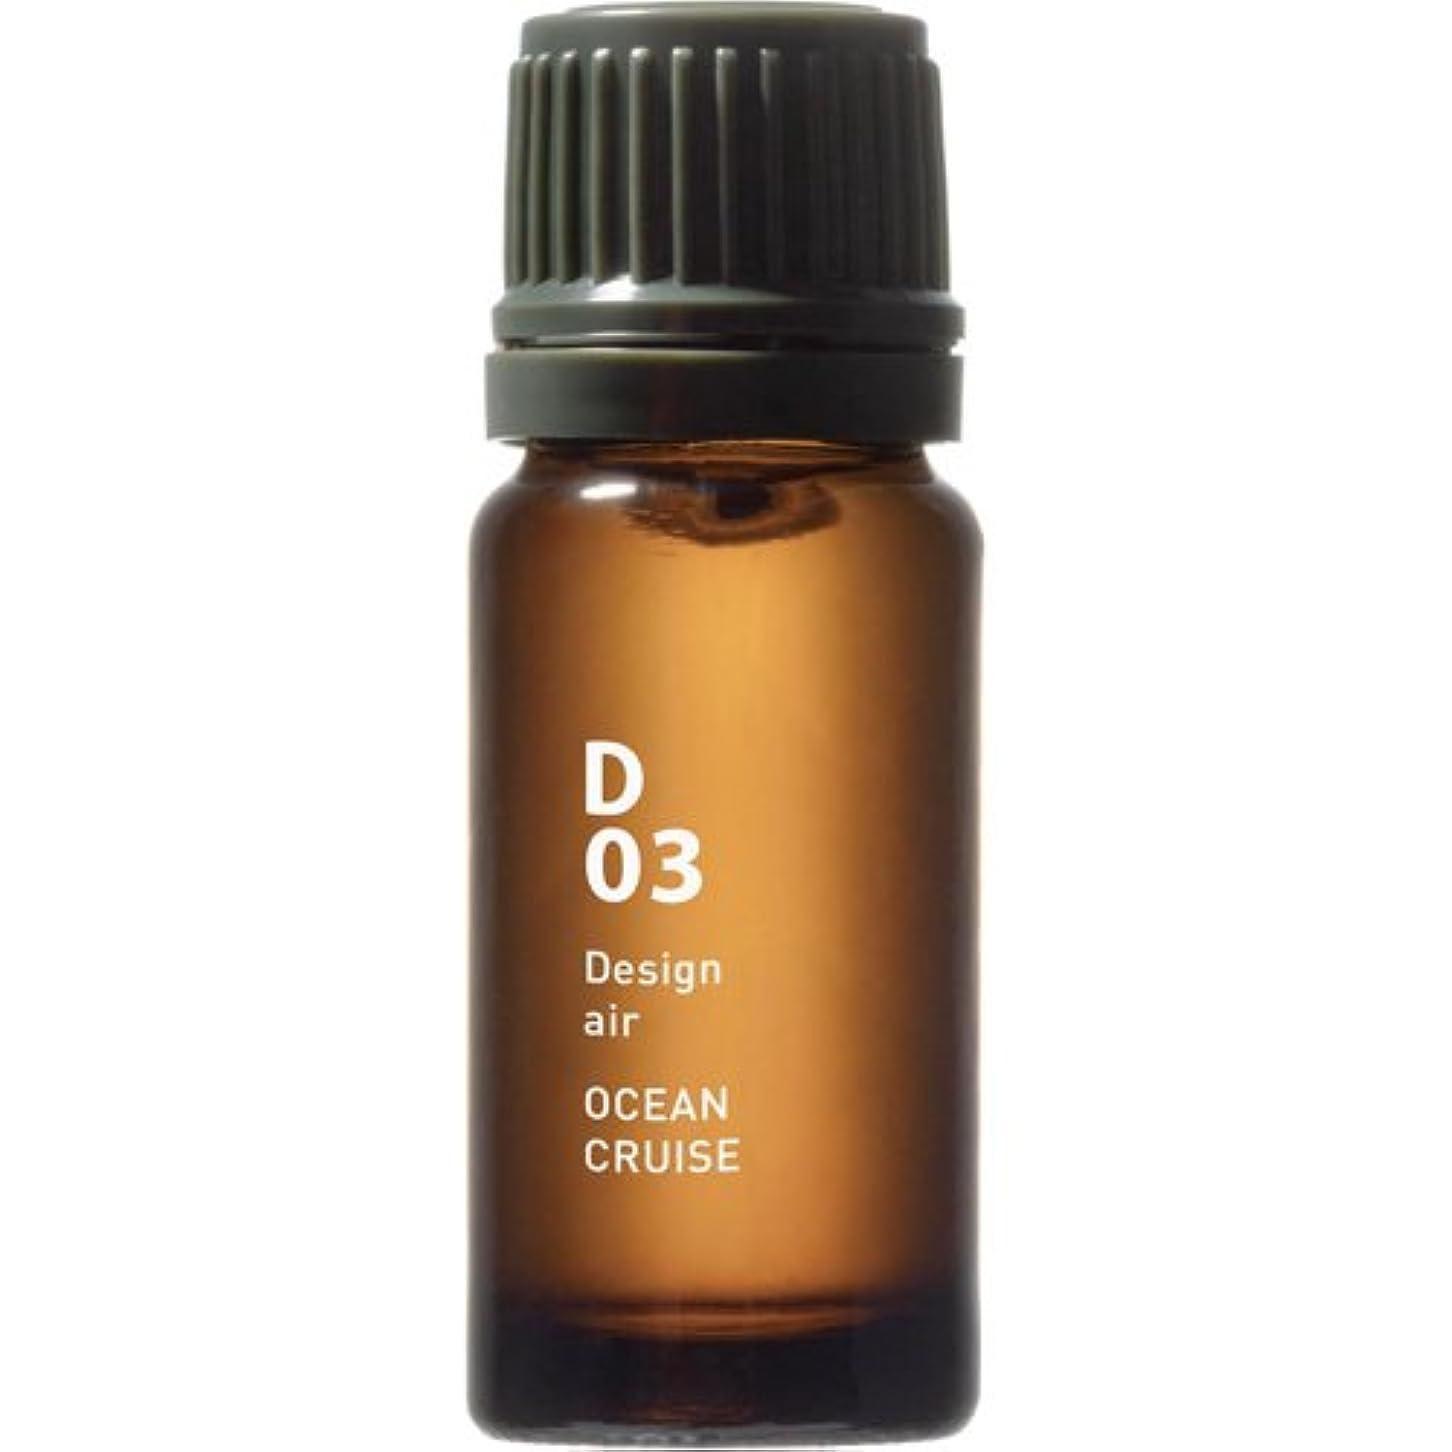 D03 OCEAN CRUISE Design air 10ml